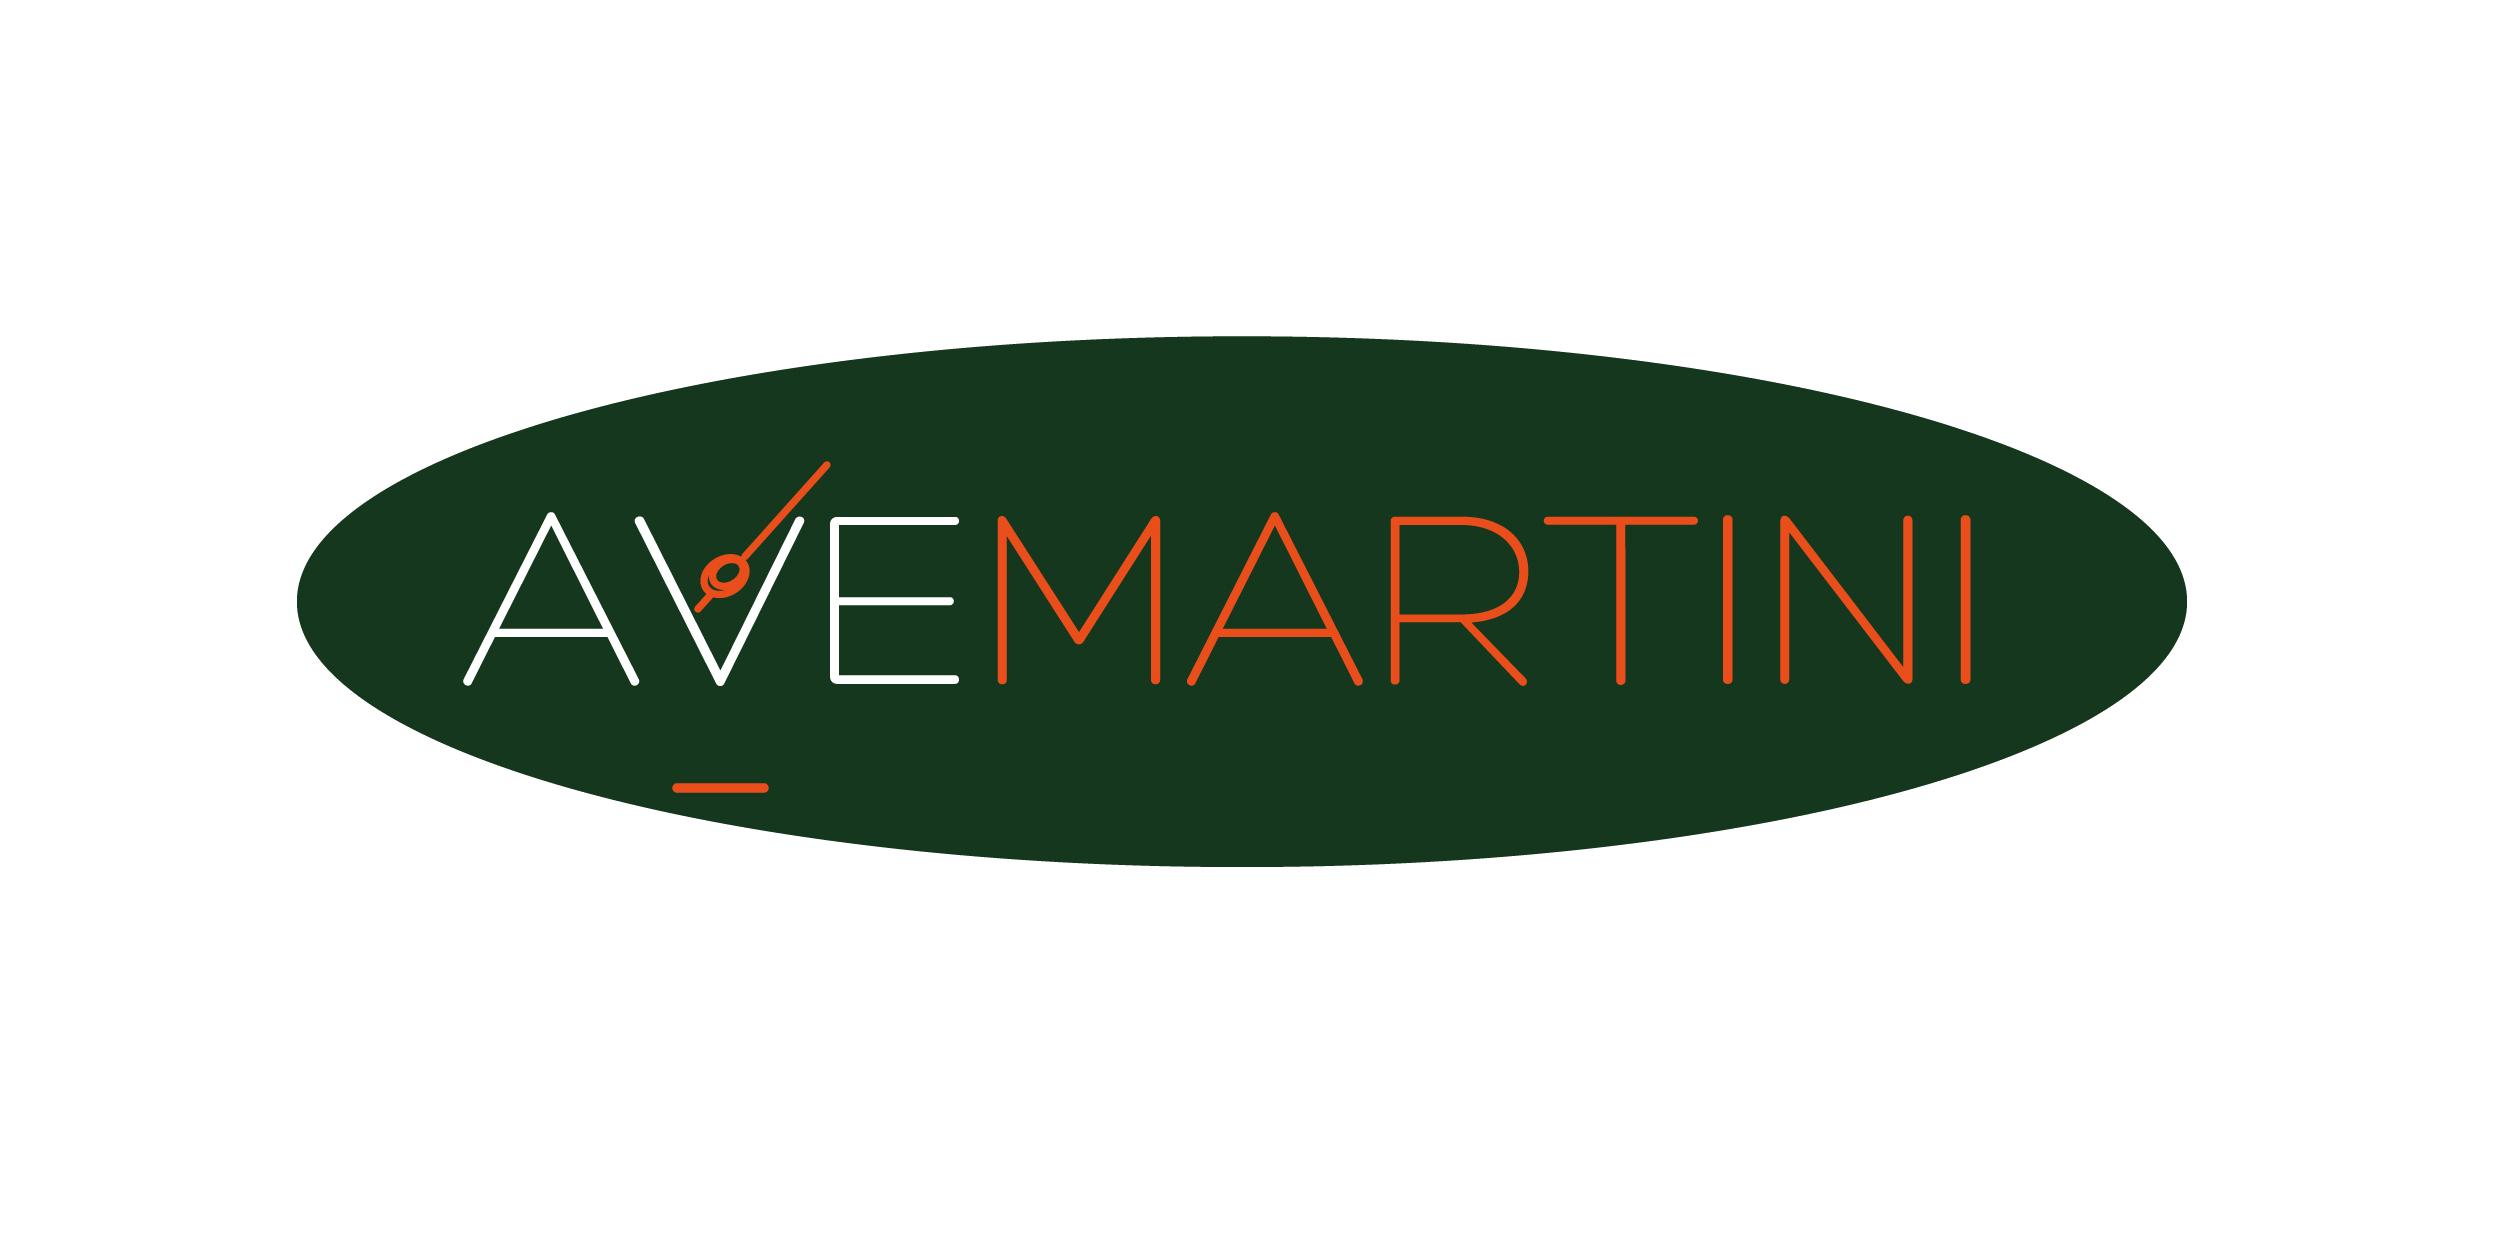 AVE MARTINI